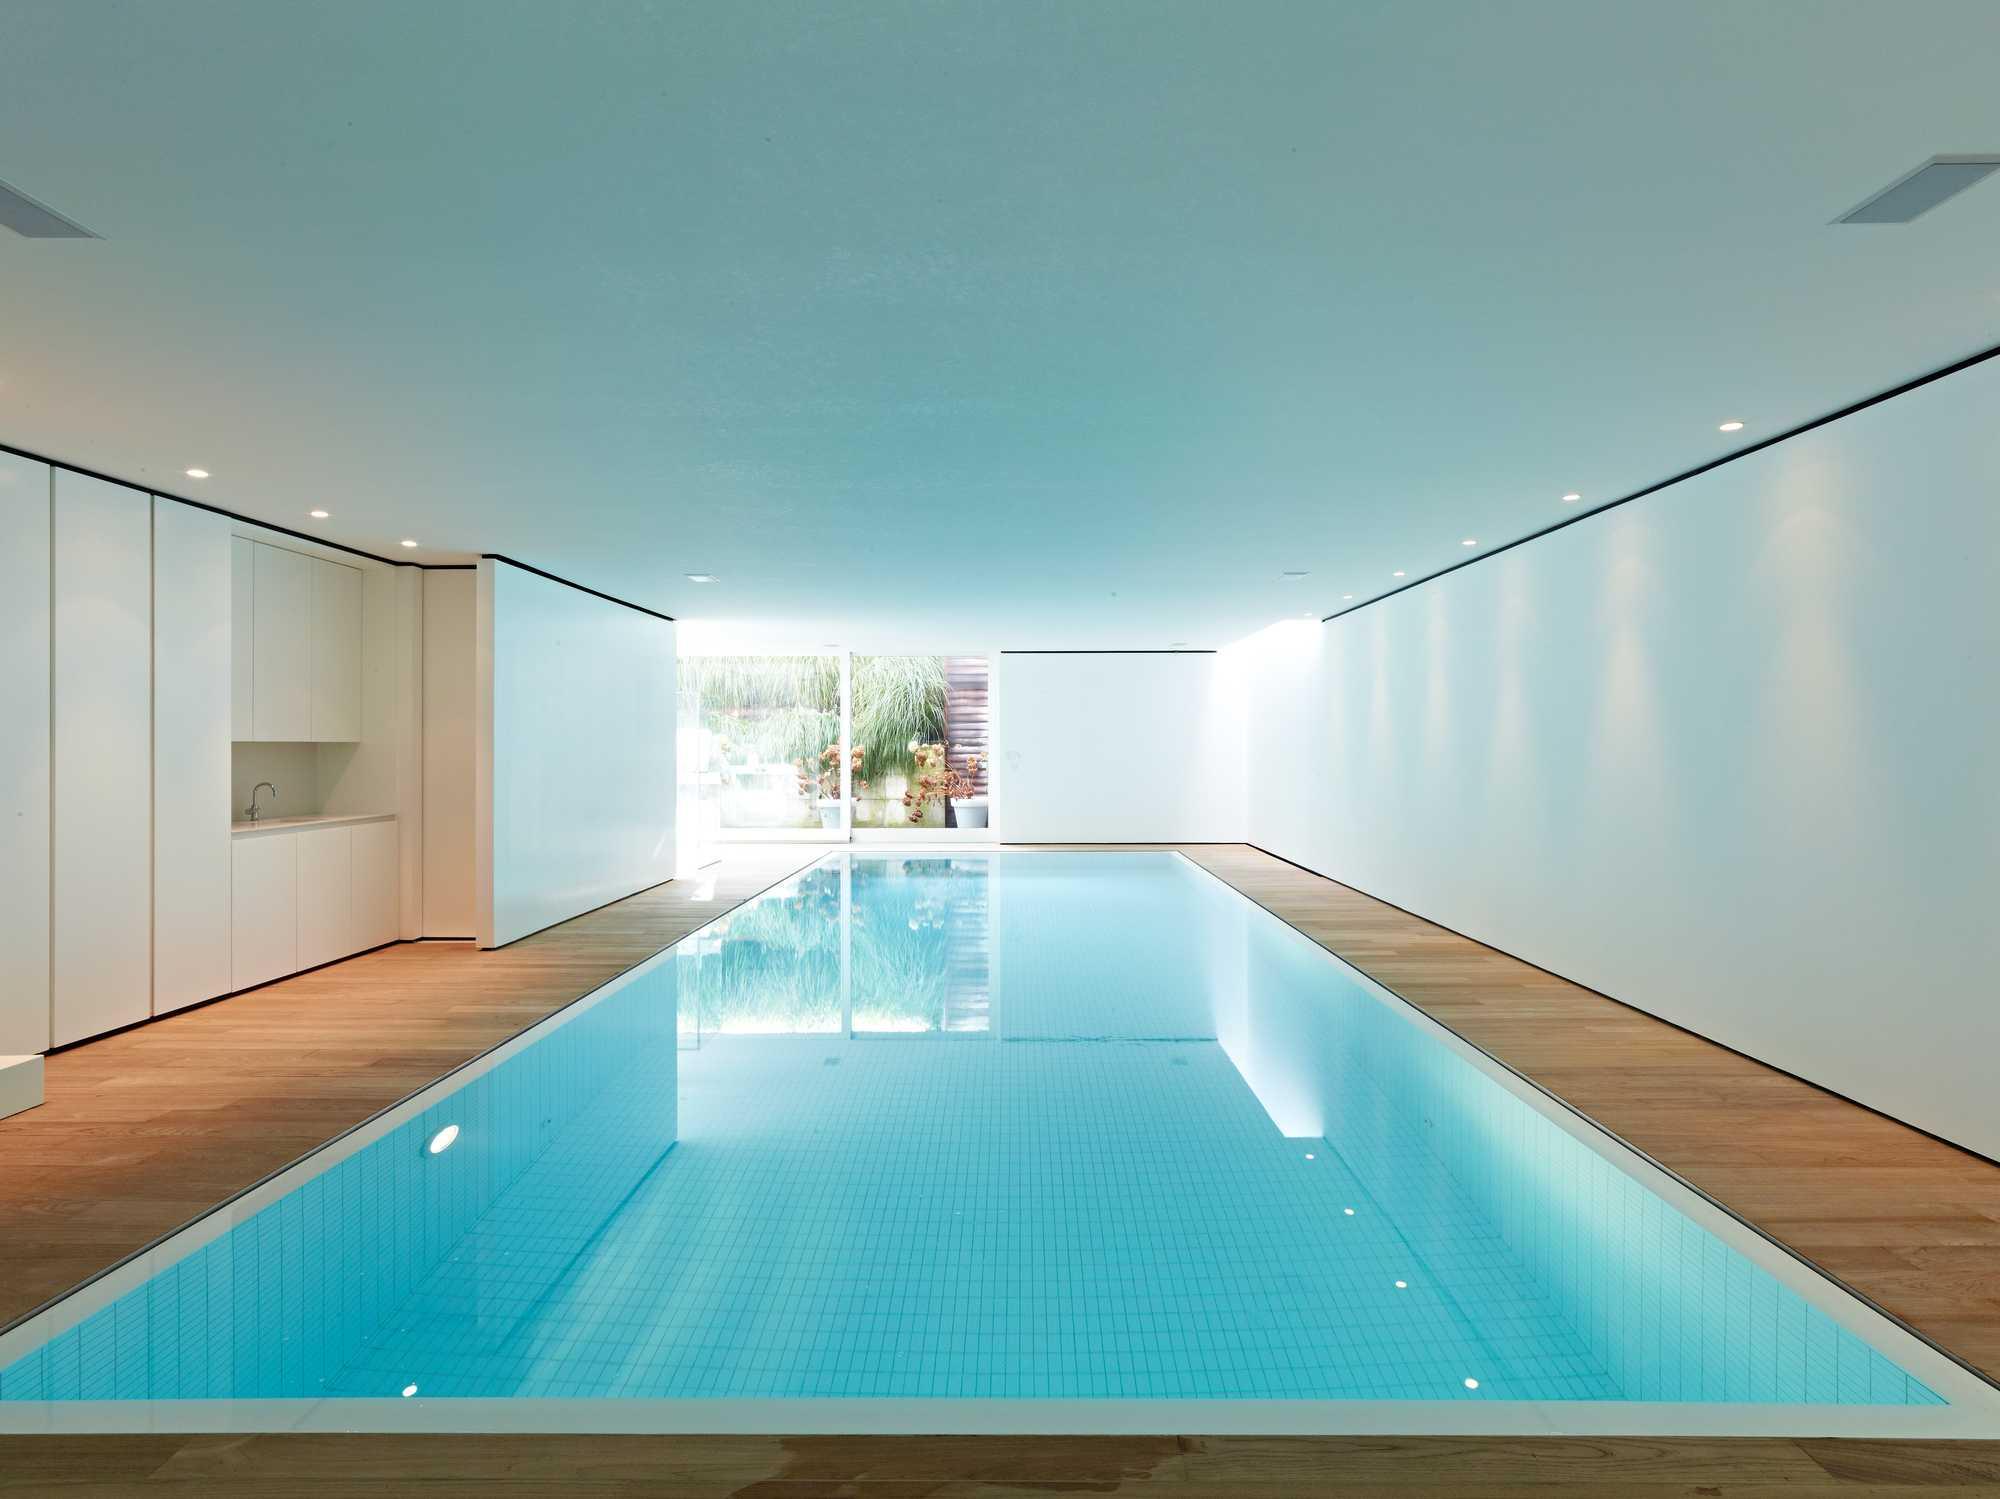 zwembad binnenzwembad